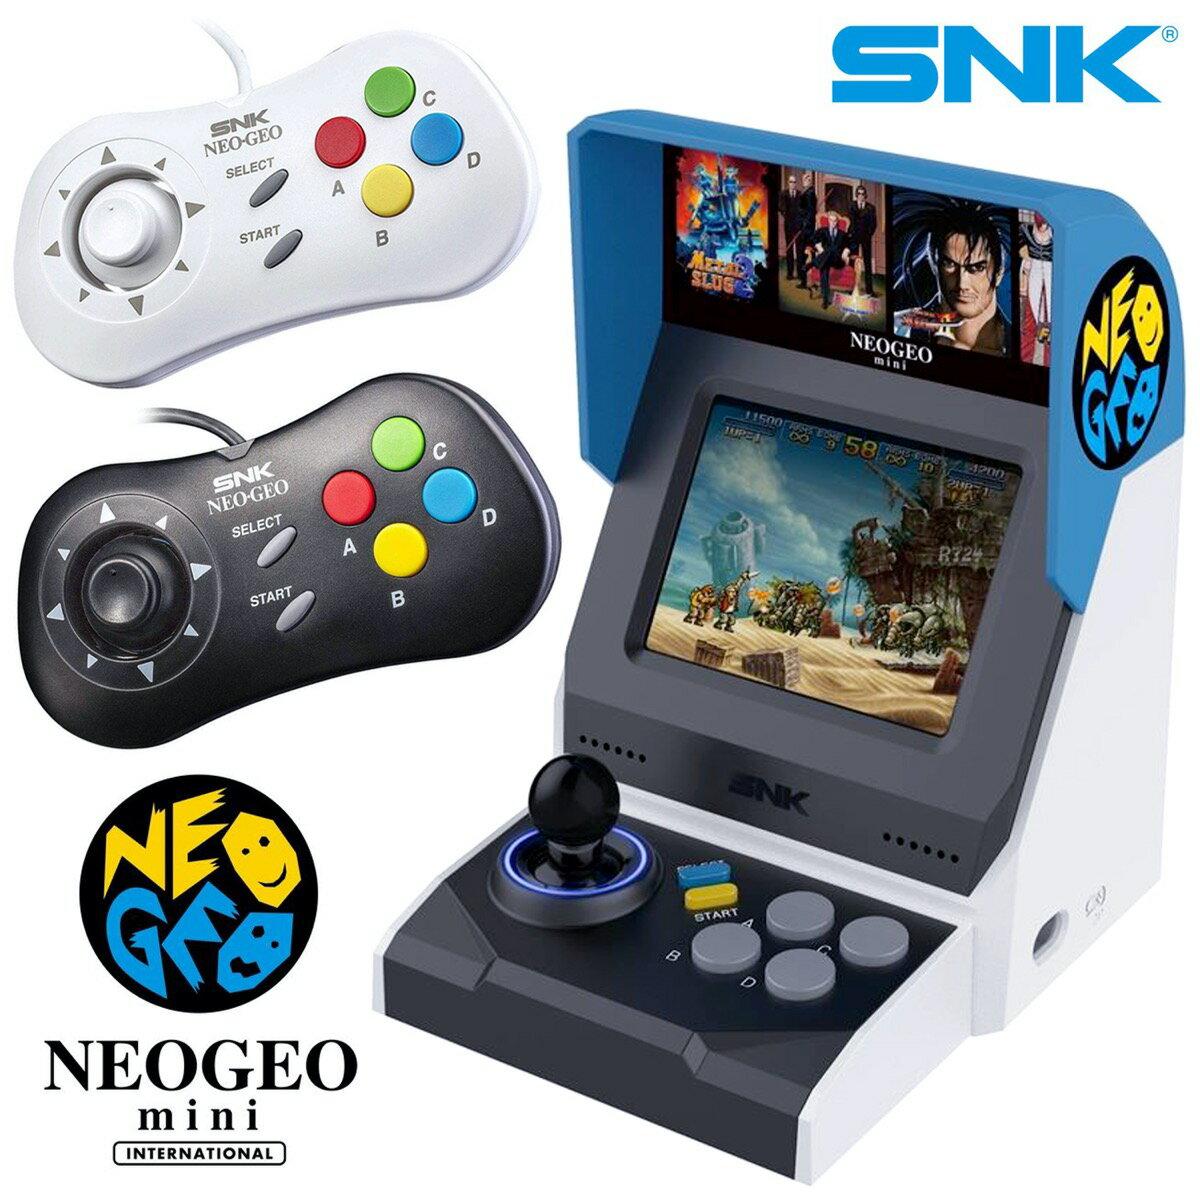 テレビゲーム, その他 NEOGEO mini International 1 40 PAD SNK (SG)